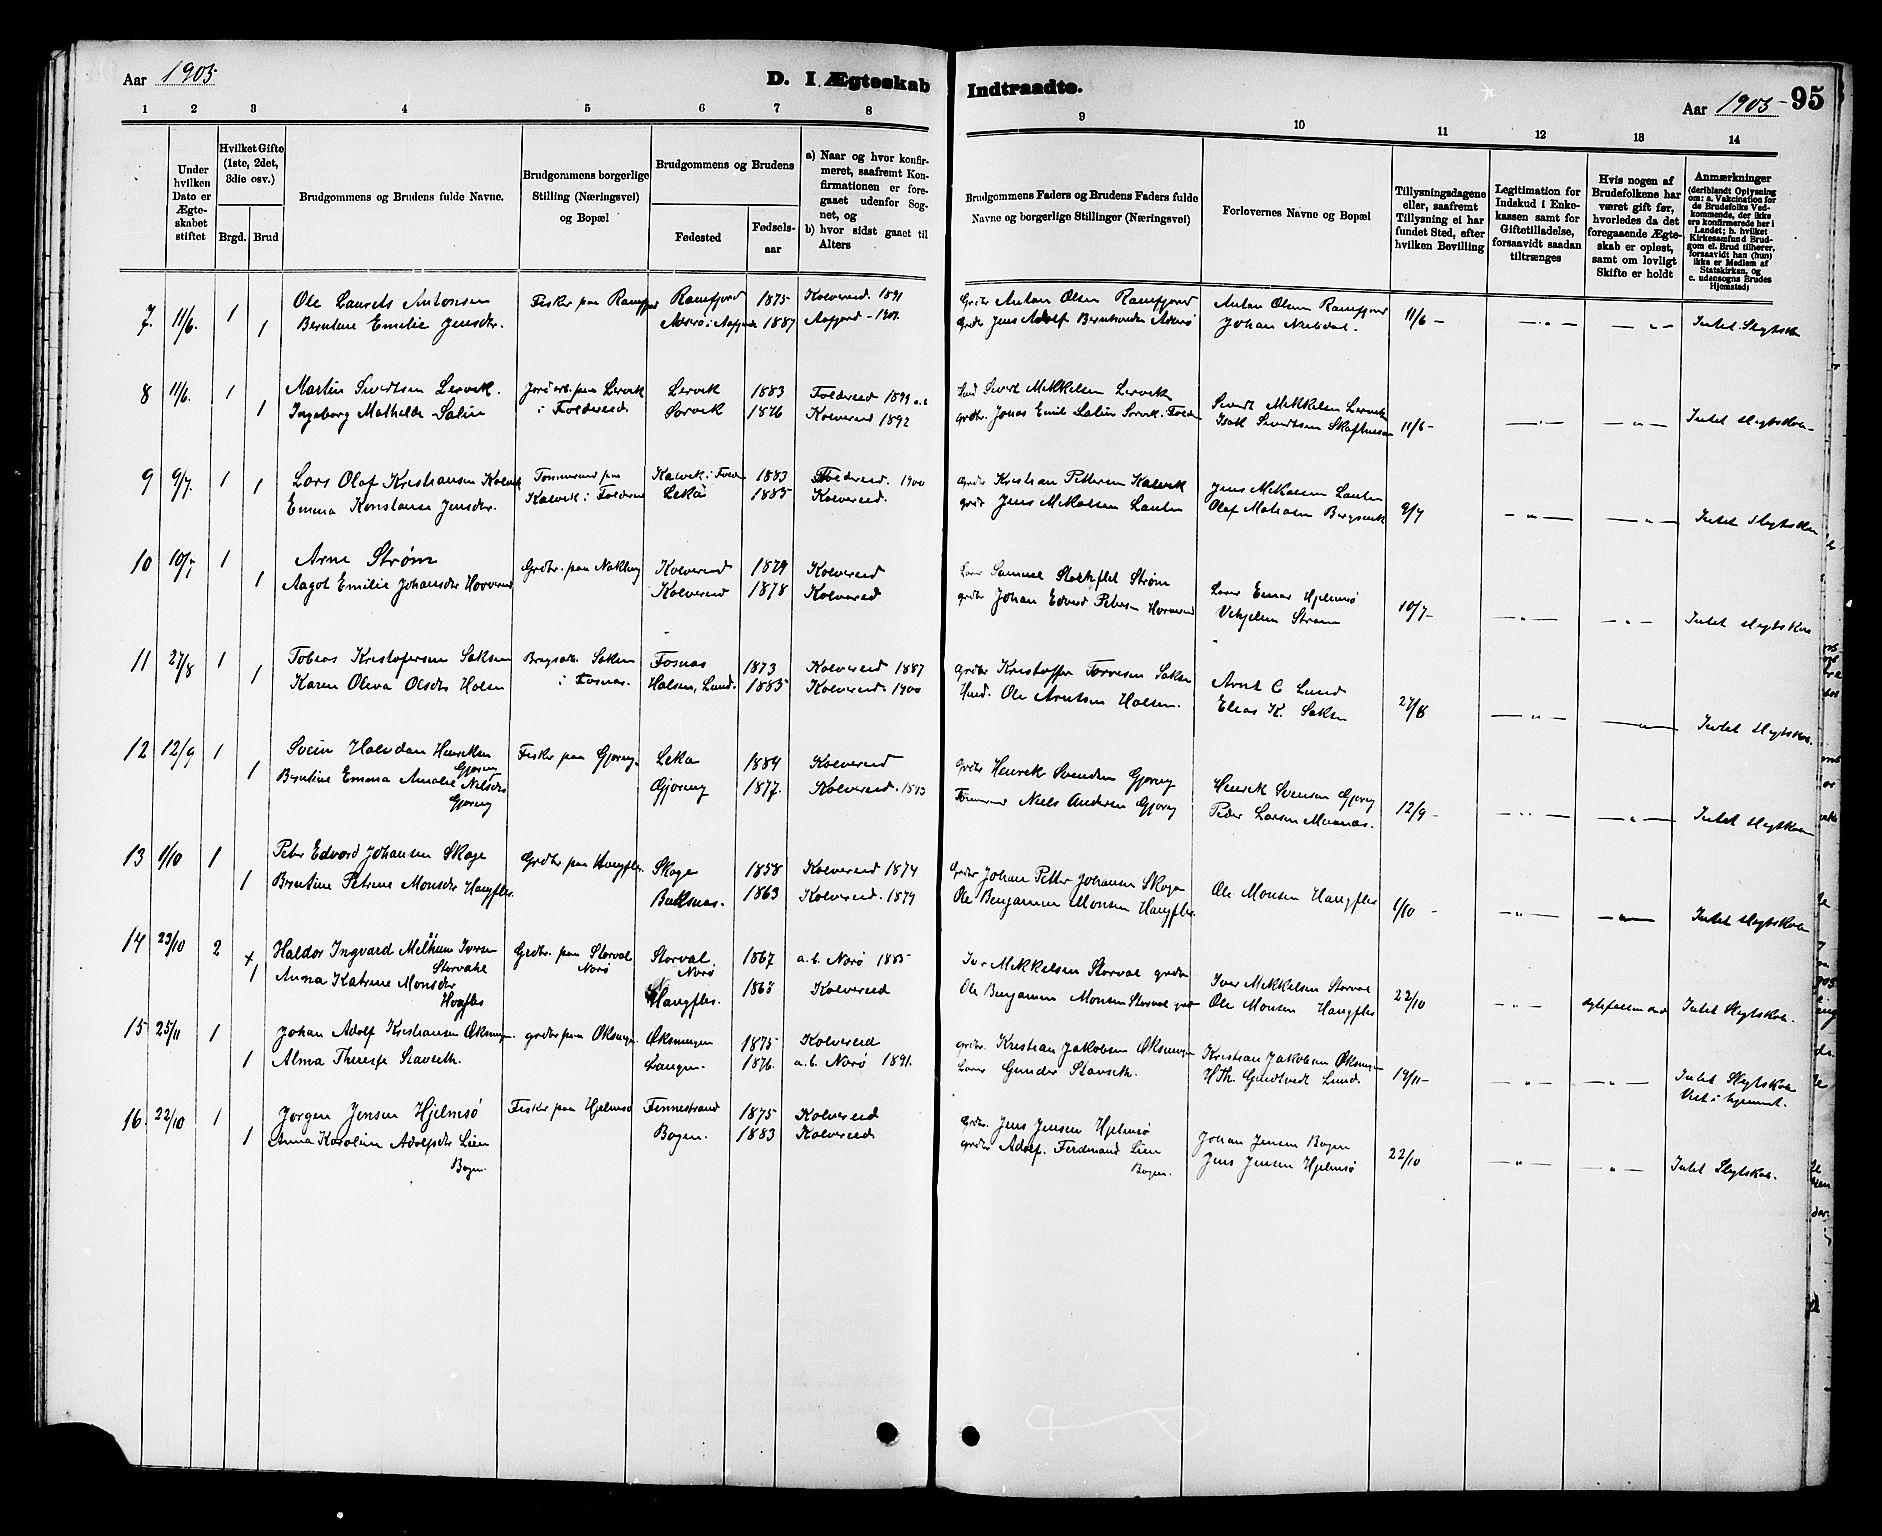 SAT, Ministerialprotokoller, klokkerbøker og fødselsregistre - Nord-Trøndelag, 780/L0652: Klokkerbok nr. 780C04, 1899-1911, s. 95